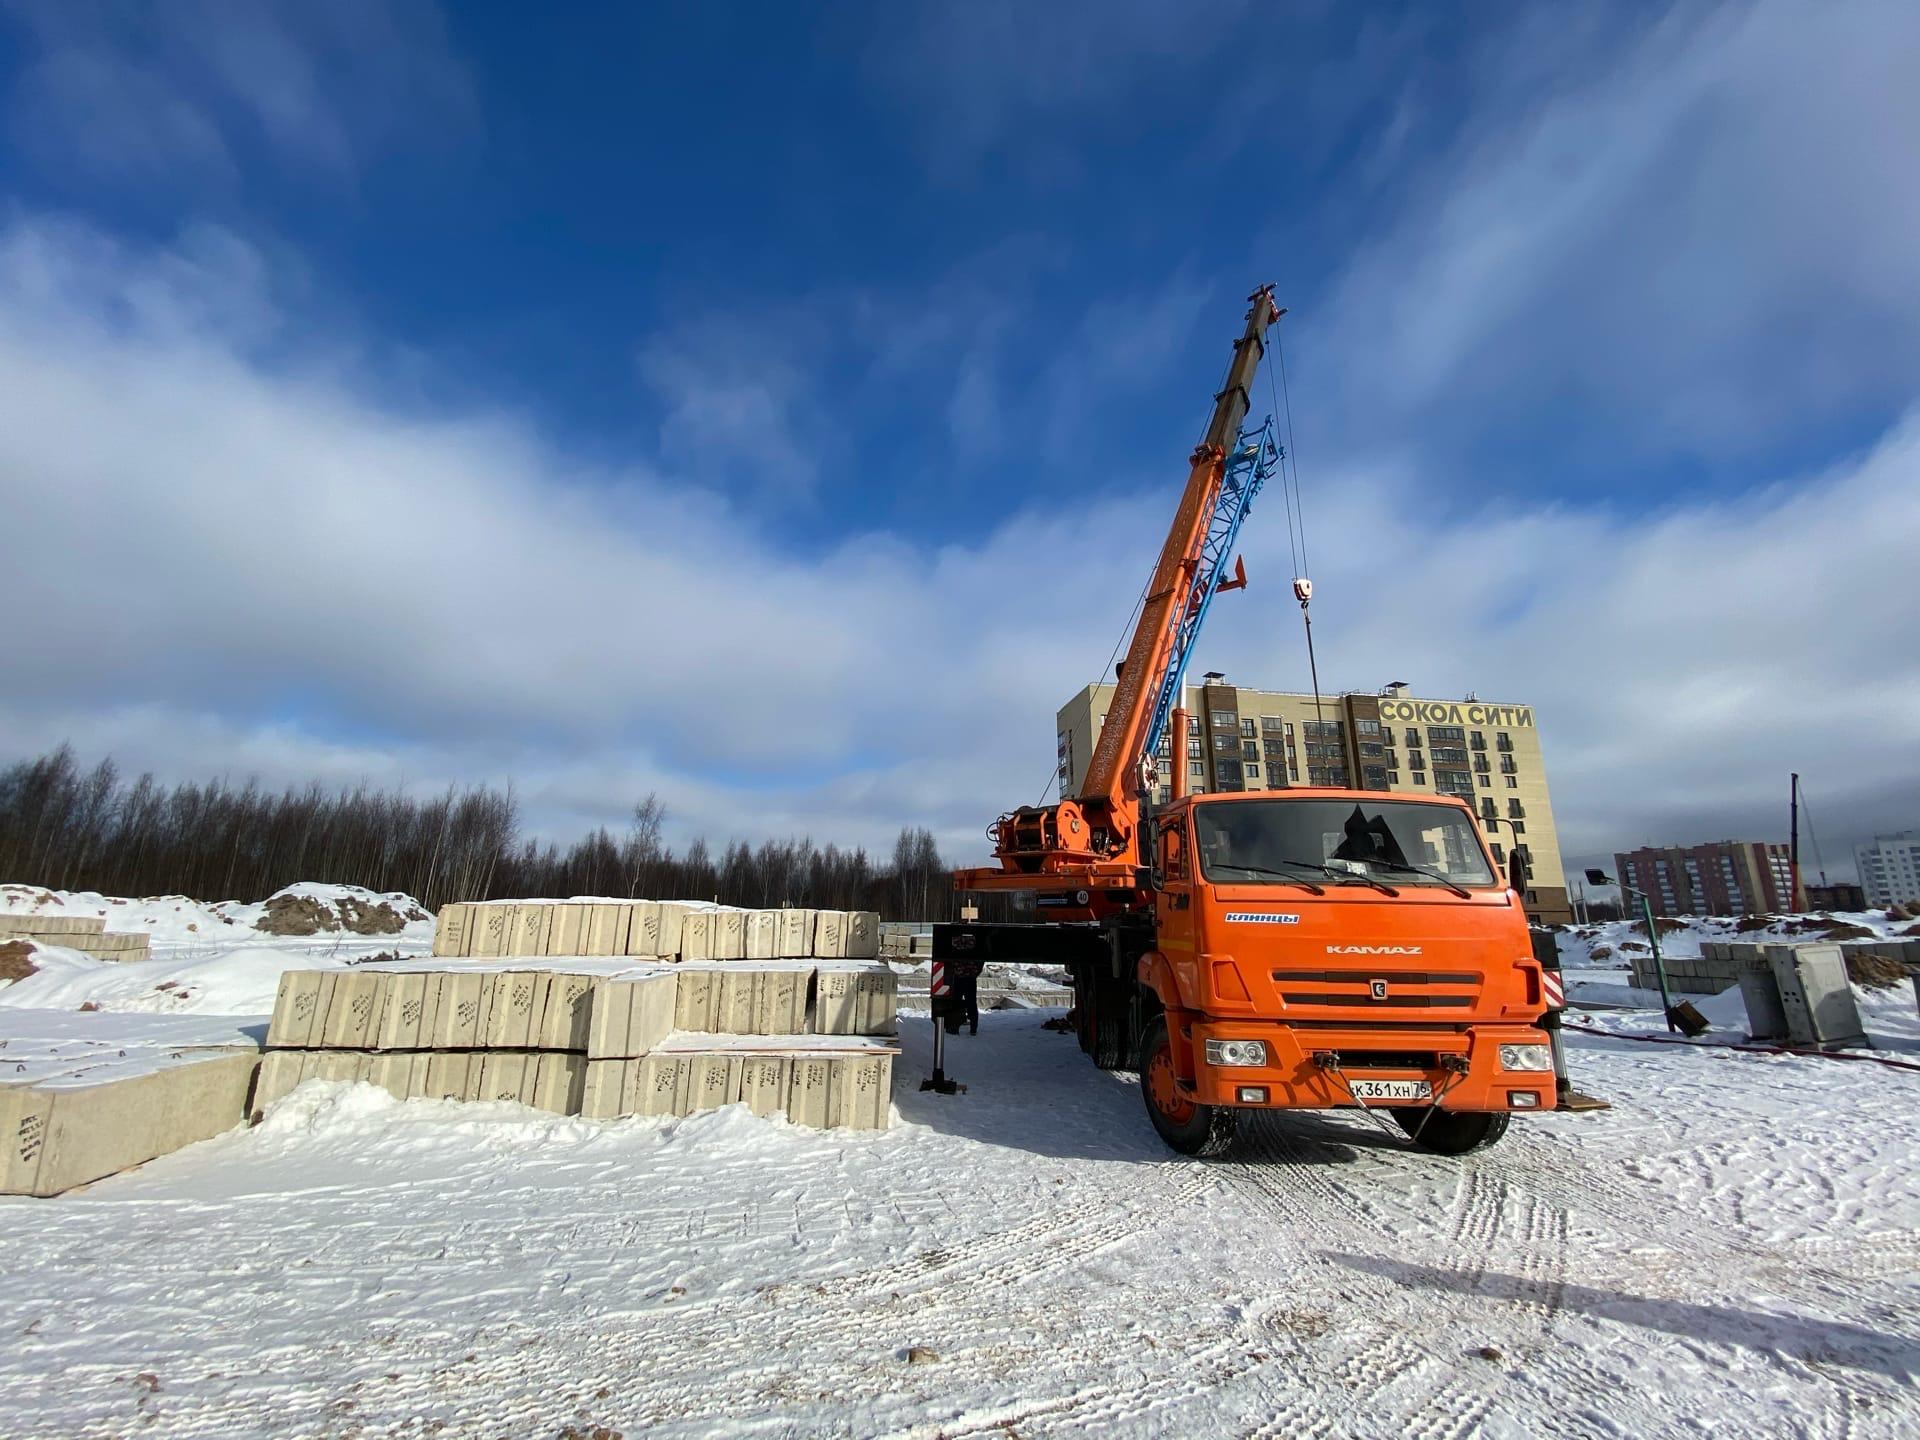 Два новых детских сада появятся во Фрунзенском районе Ярославля